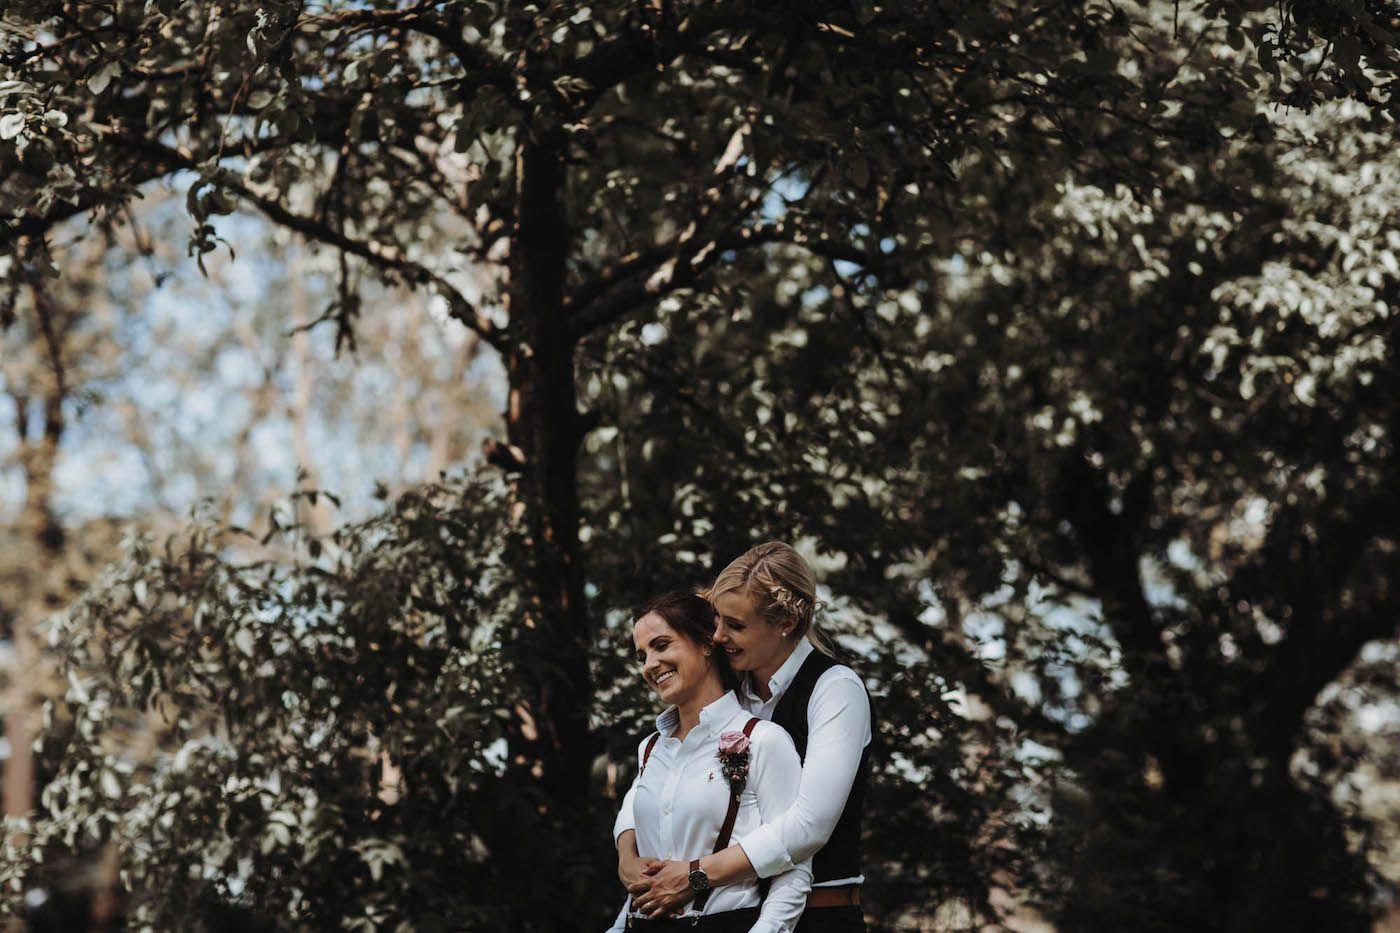 Hochzeitspaar Aus Koln Fotoshooting Brautpaarshooting Lesbisches Brautpaar Love Frauenhochzeit Hochzeitspaar Brautpaar Hochzeitsfotograf